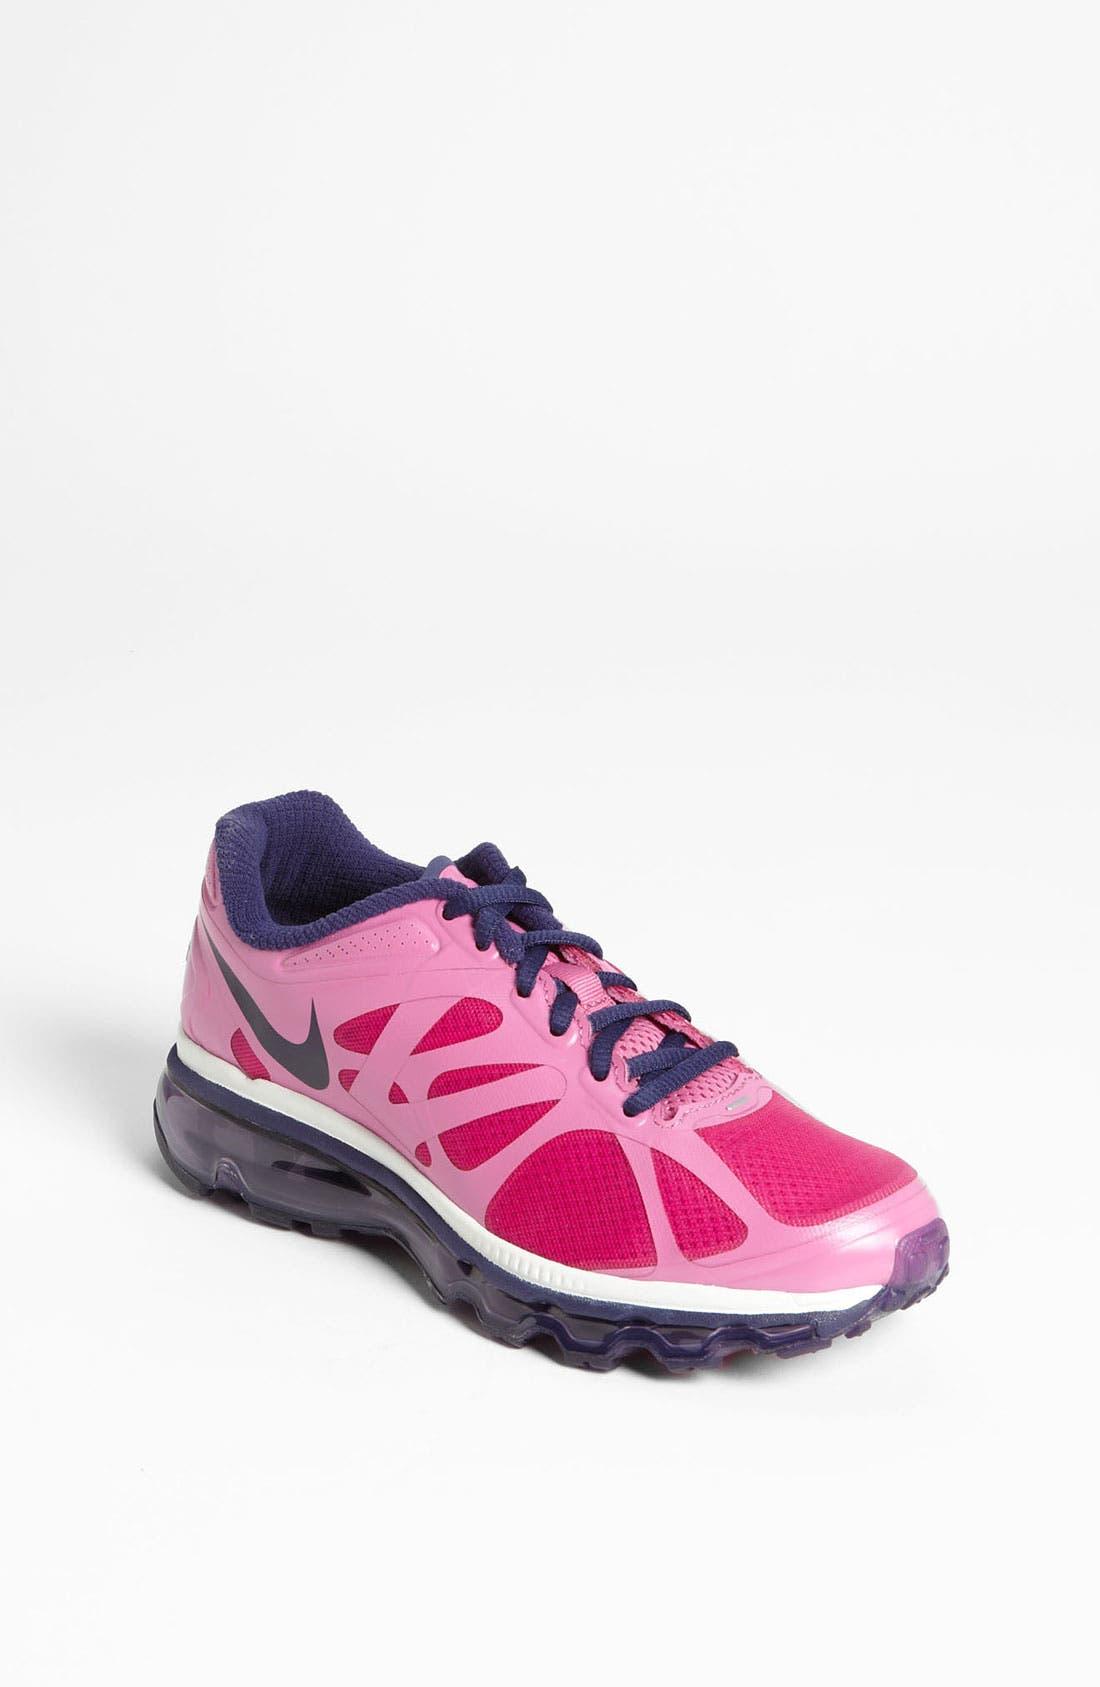 Alternate Image 1 Selected - Nike 'Air Max 2012' Running Shoe (Big Kid)